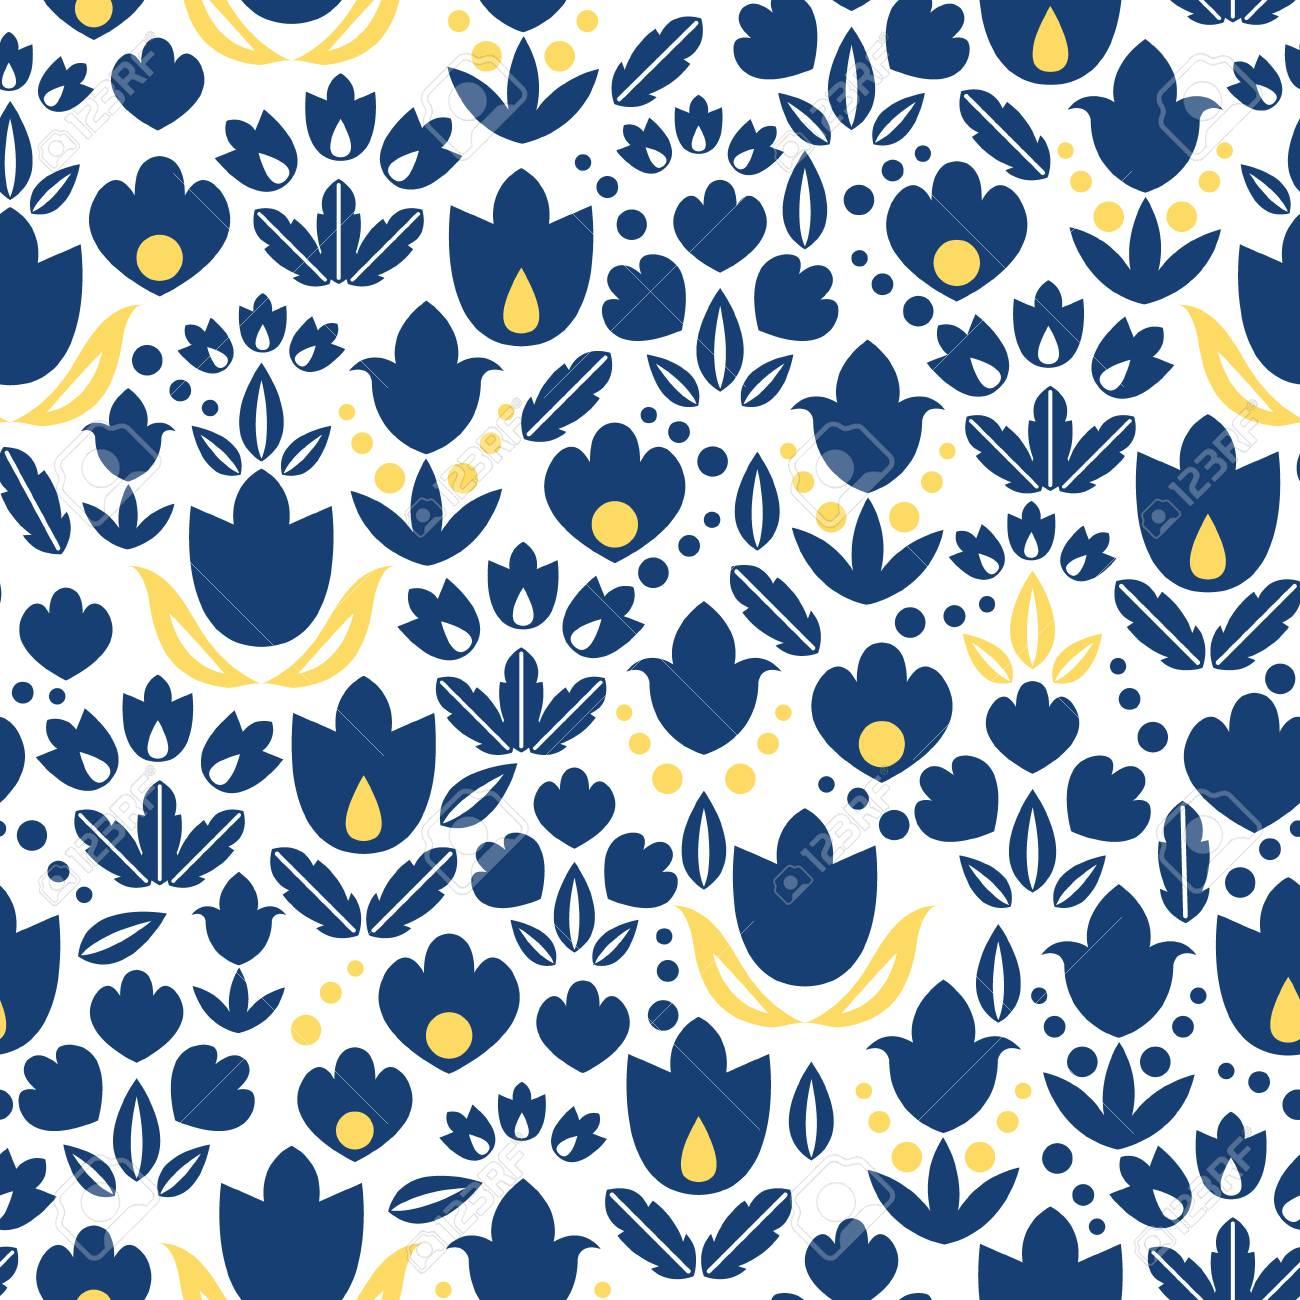 Vektor Dunkelblau Navy Und Gelbe Tulpen Blumen Nahtlose Wiederholen